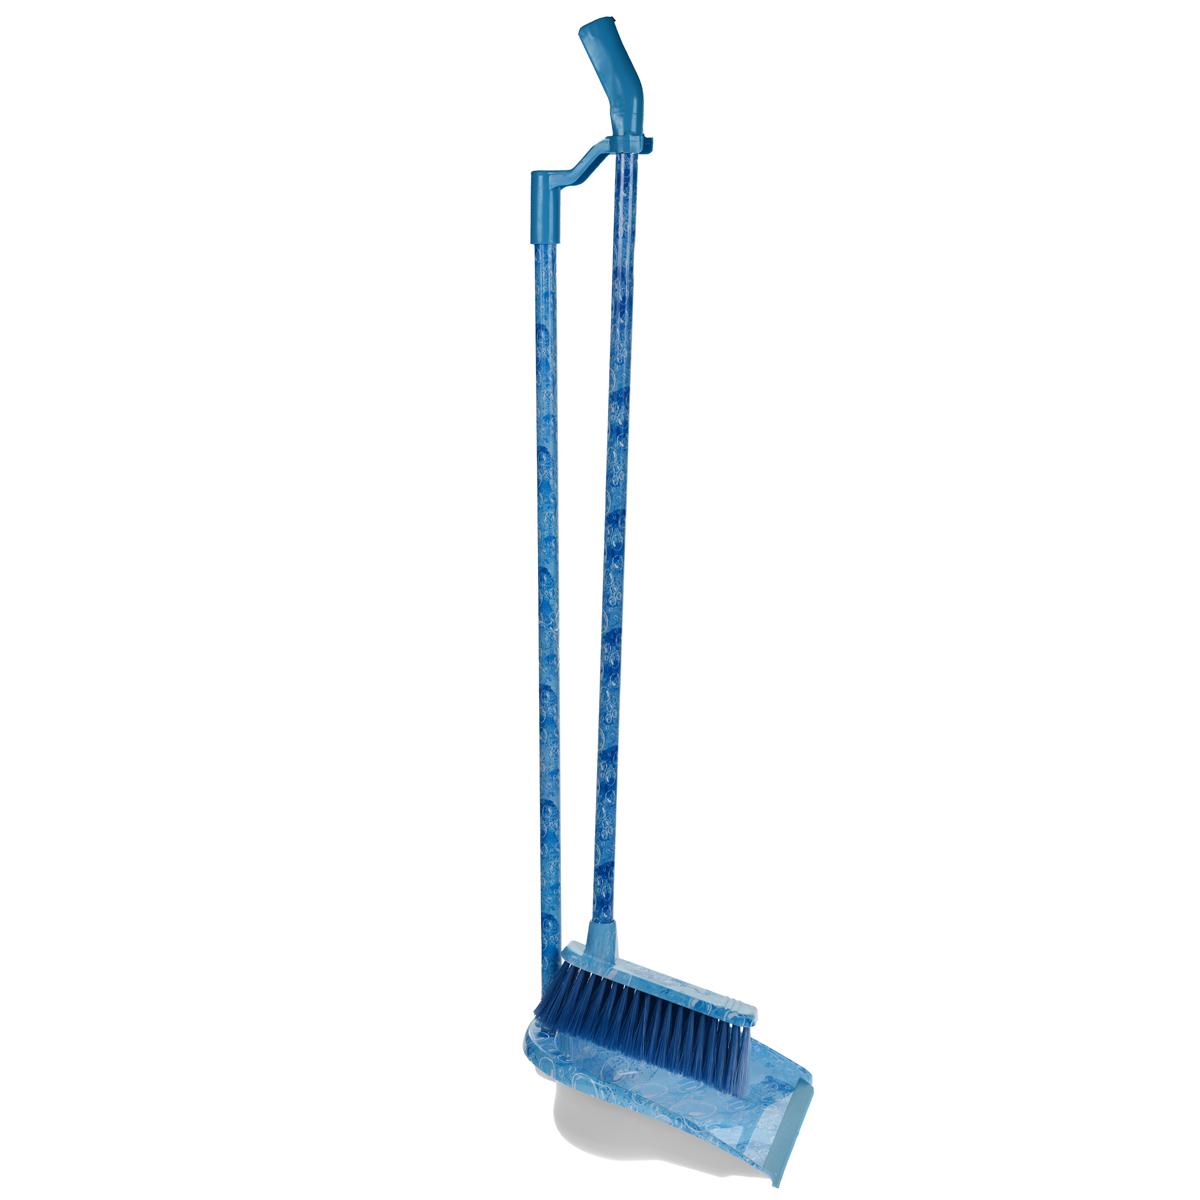 Комплект для уборки на длинных ручках Фэйт Аква531-105Комплект для уборки на длинных ручках Фэйт Аква состоит из совка и щетки. Предназначен для различных видов хозяйственных работ, чистки горизонтальных поверхностей из разных материалов. Характеристики: Материал: пластик, нейлон. Длина ручек: 81 см. Размер совка без учета ручки:27 см х 23 см х 8 см. Размер щетки без учета ручки: 18 см х 11 см. Размер упаковки: 86 см х 23 см х 15 см. Производитель: Россия.